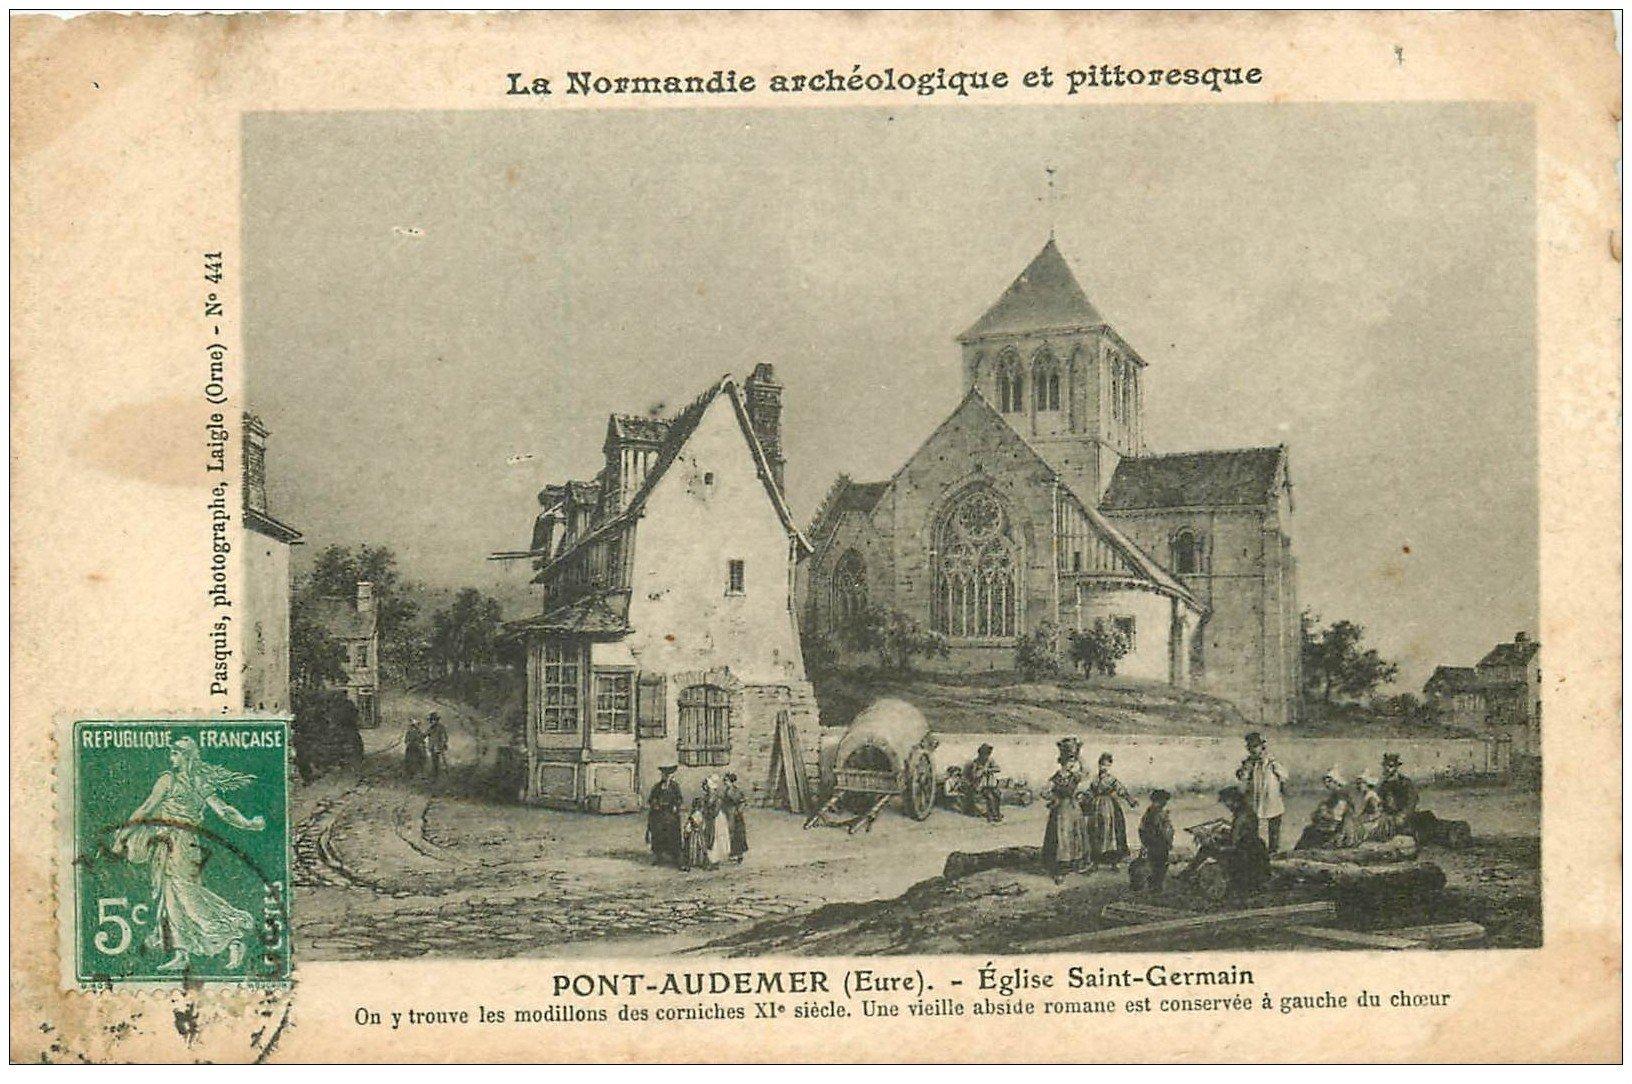 27 pont audemer eglise saint germain autrefois carte for Buro 27 pont audemer